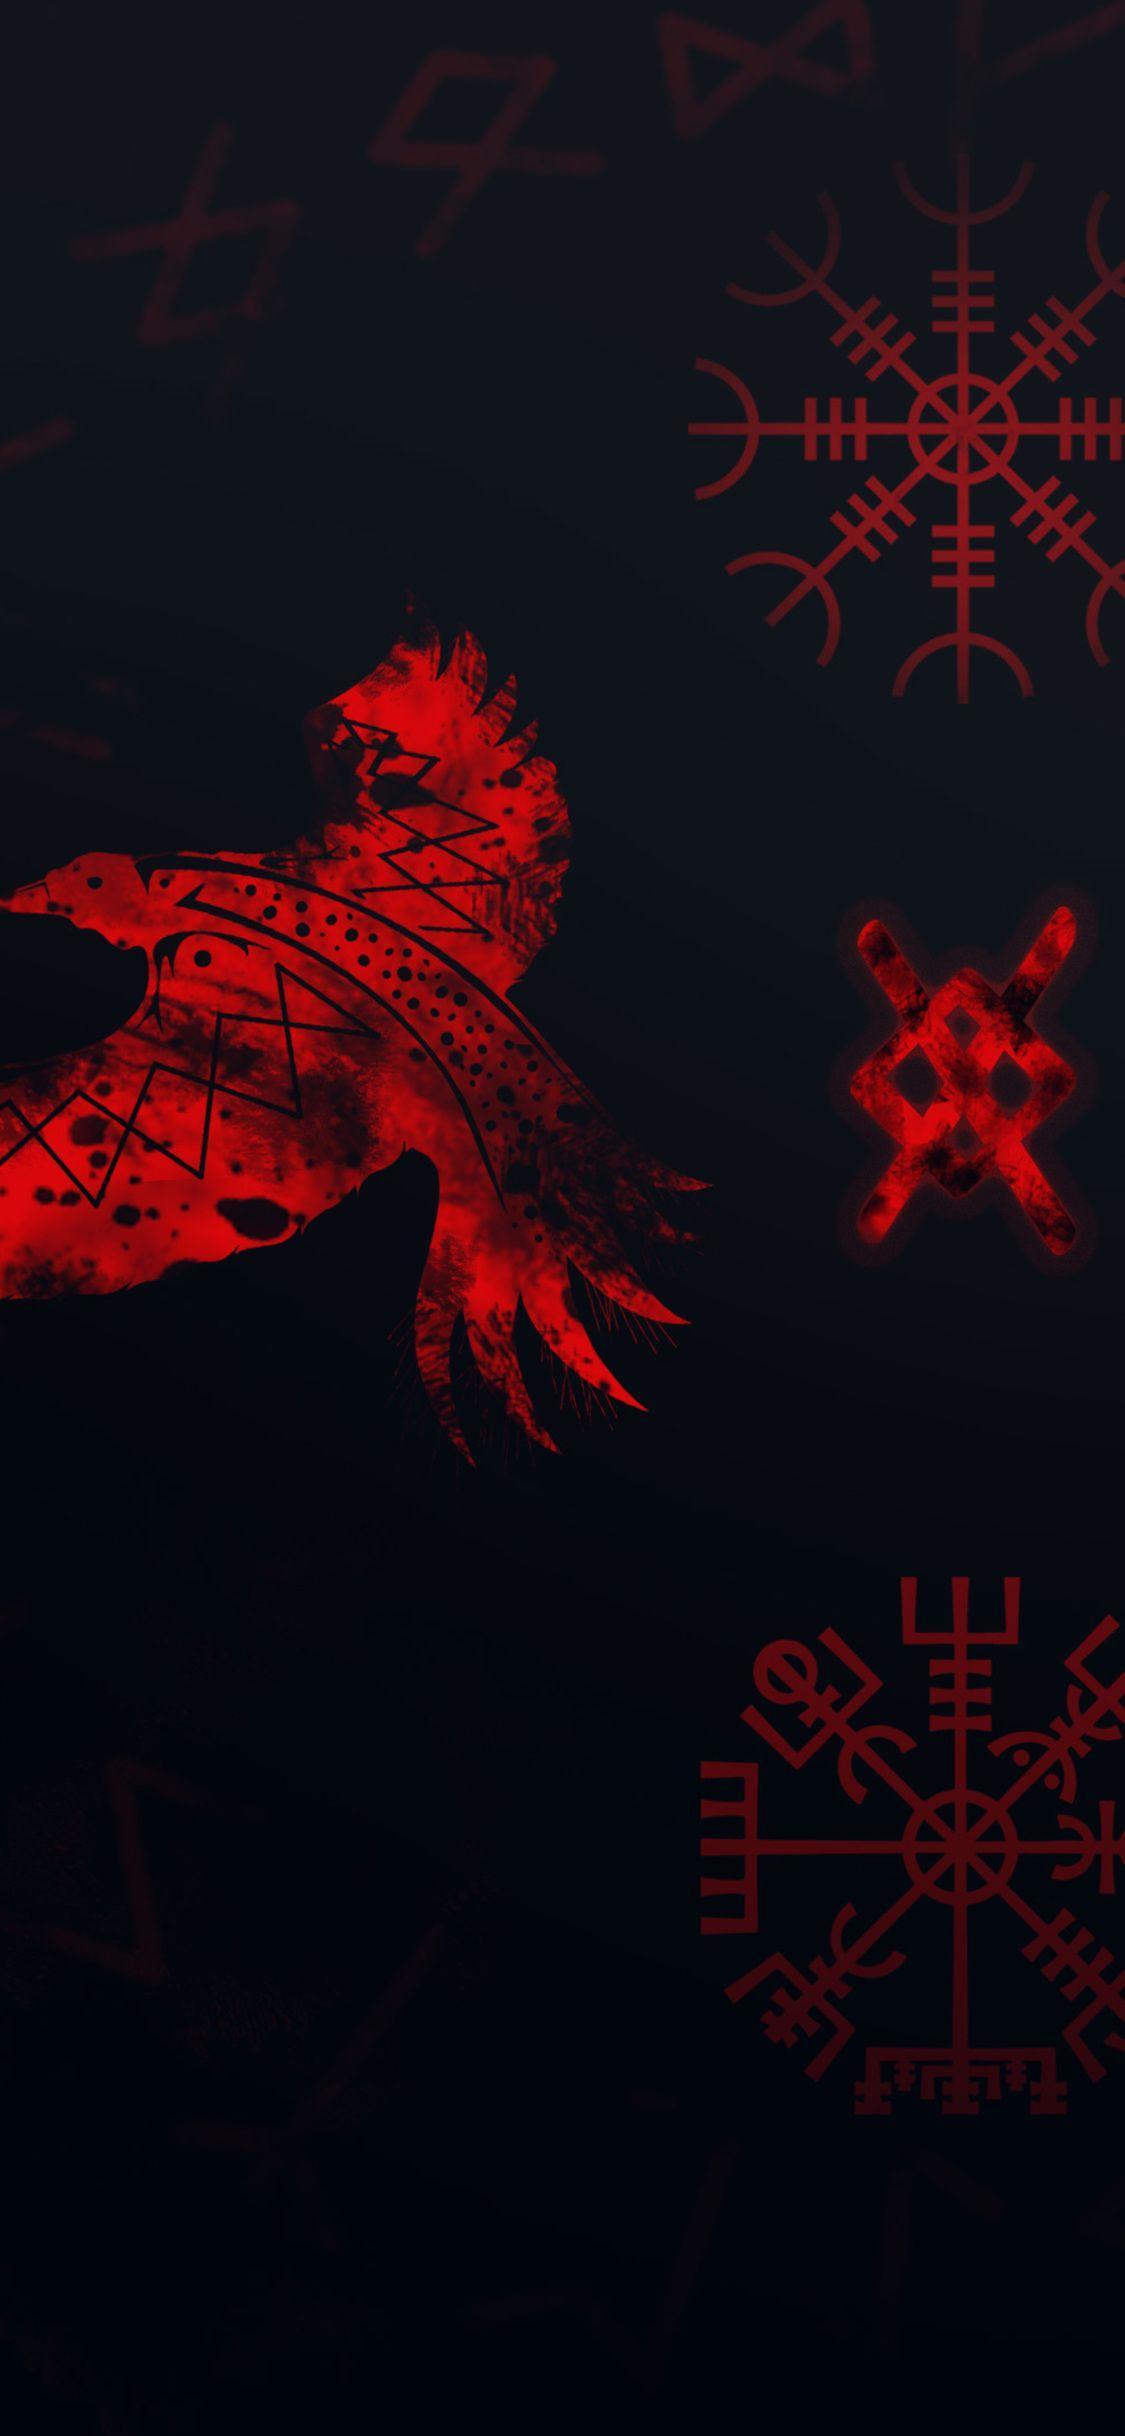 Norse Viking Symbols Desktop Wallpapers - Wallpaper Cave